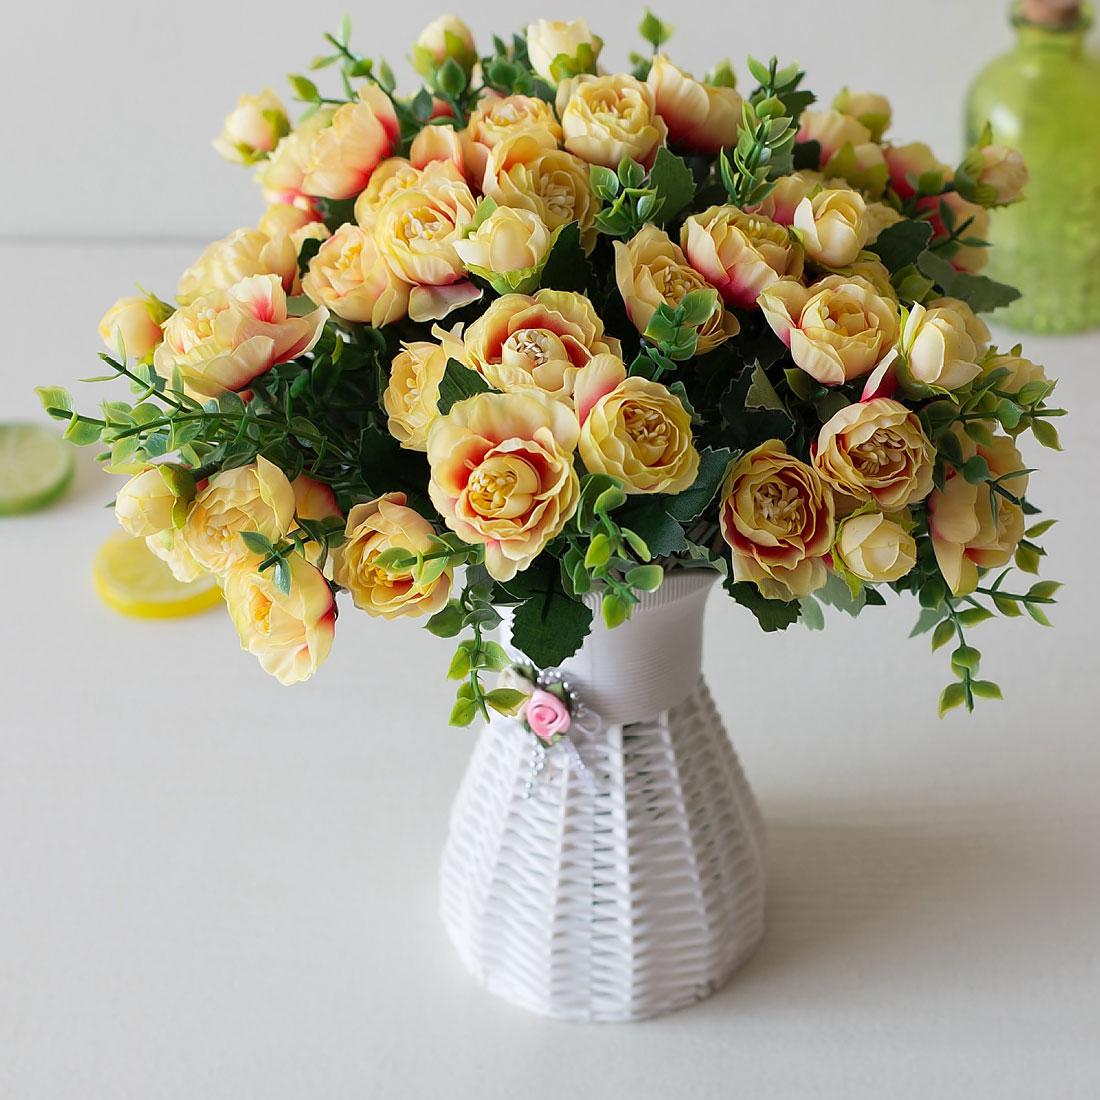 Заказать букет из чайных роз, цветов